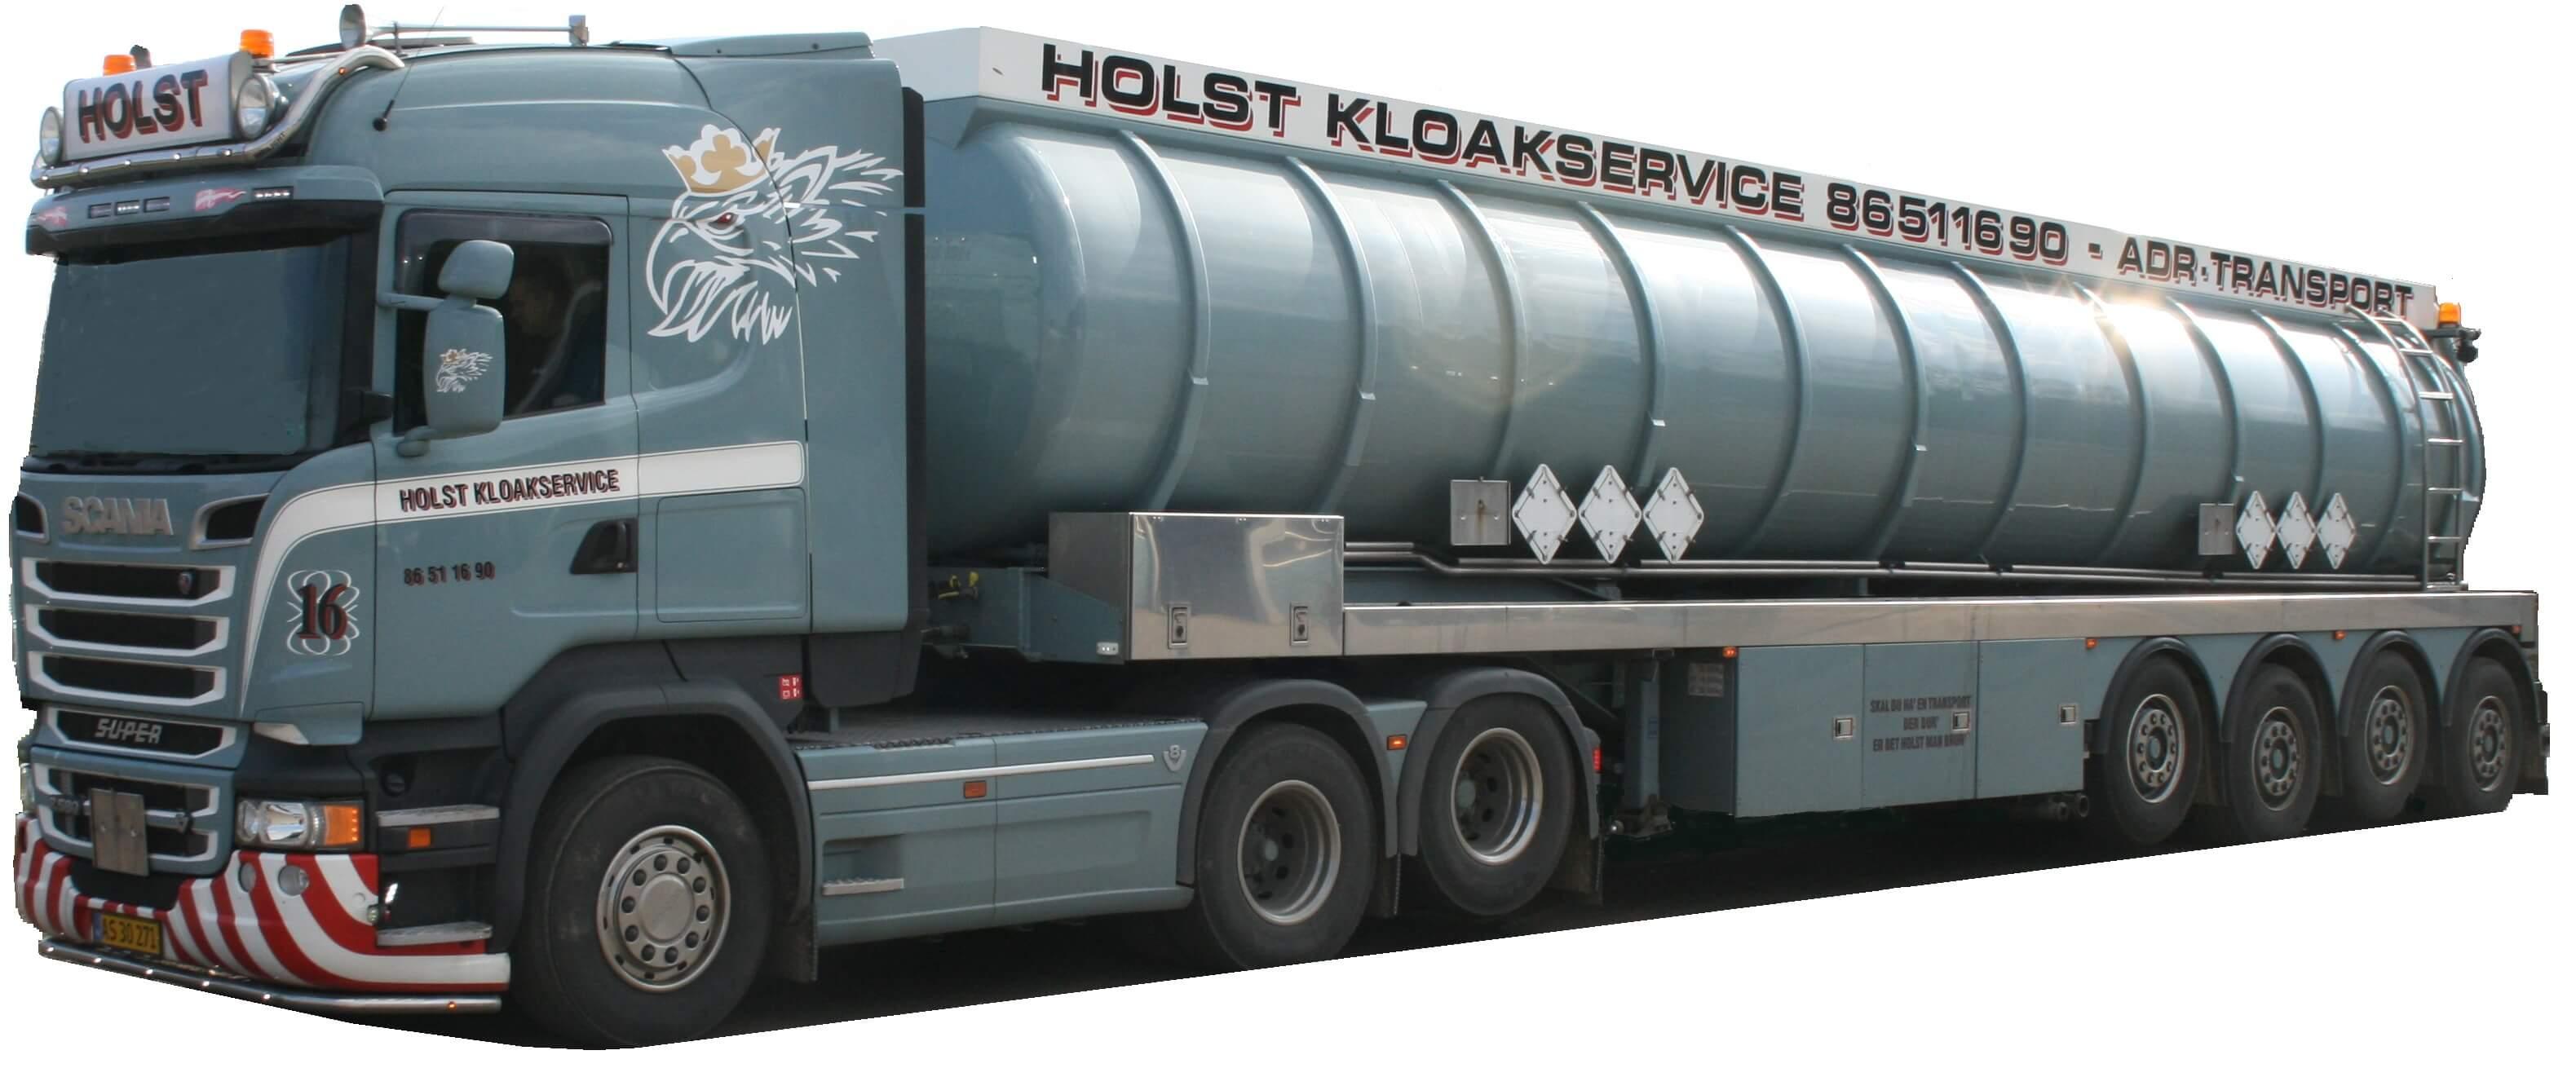 Adr Transport Holst Kloakservice